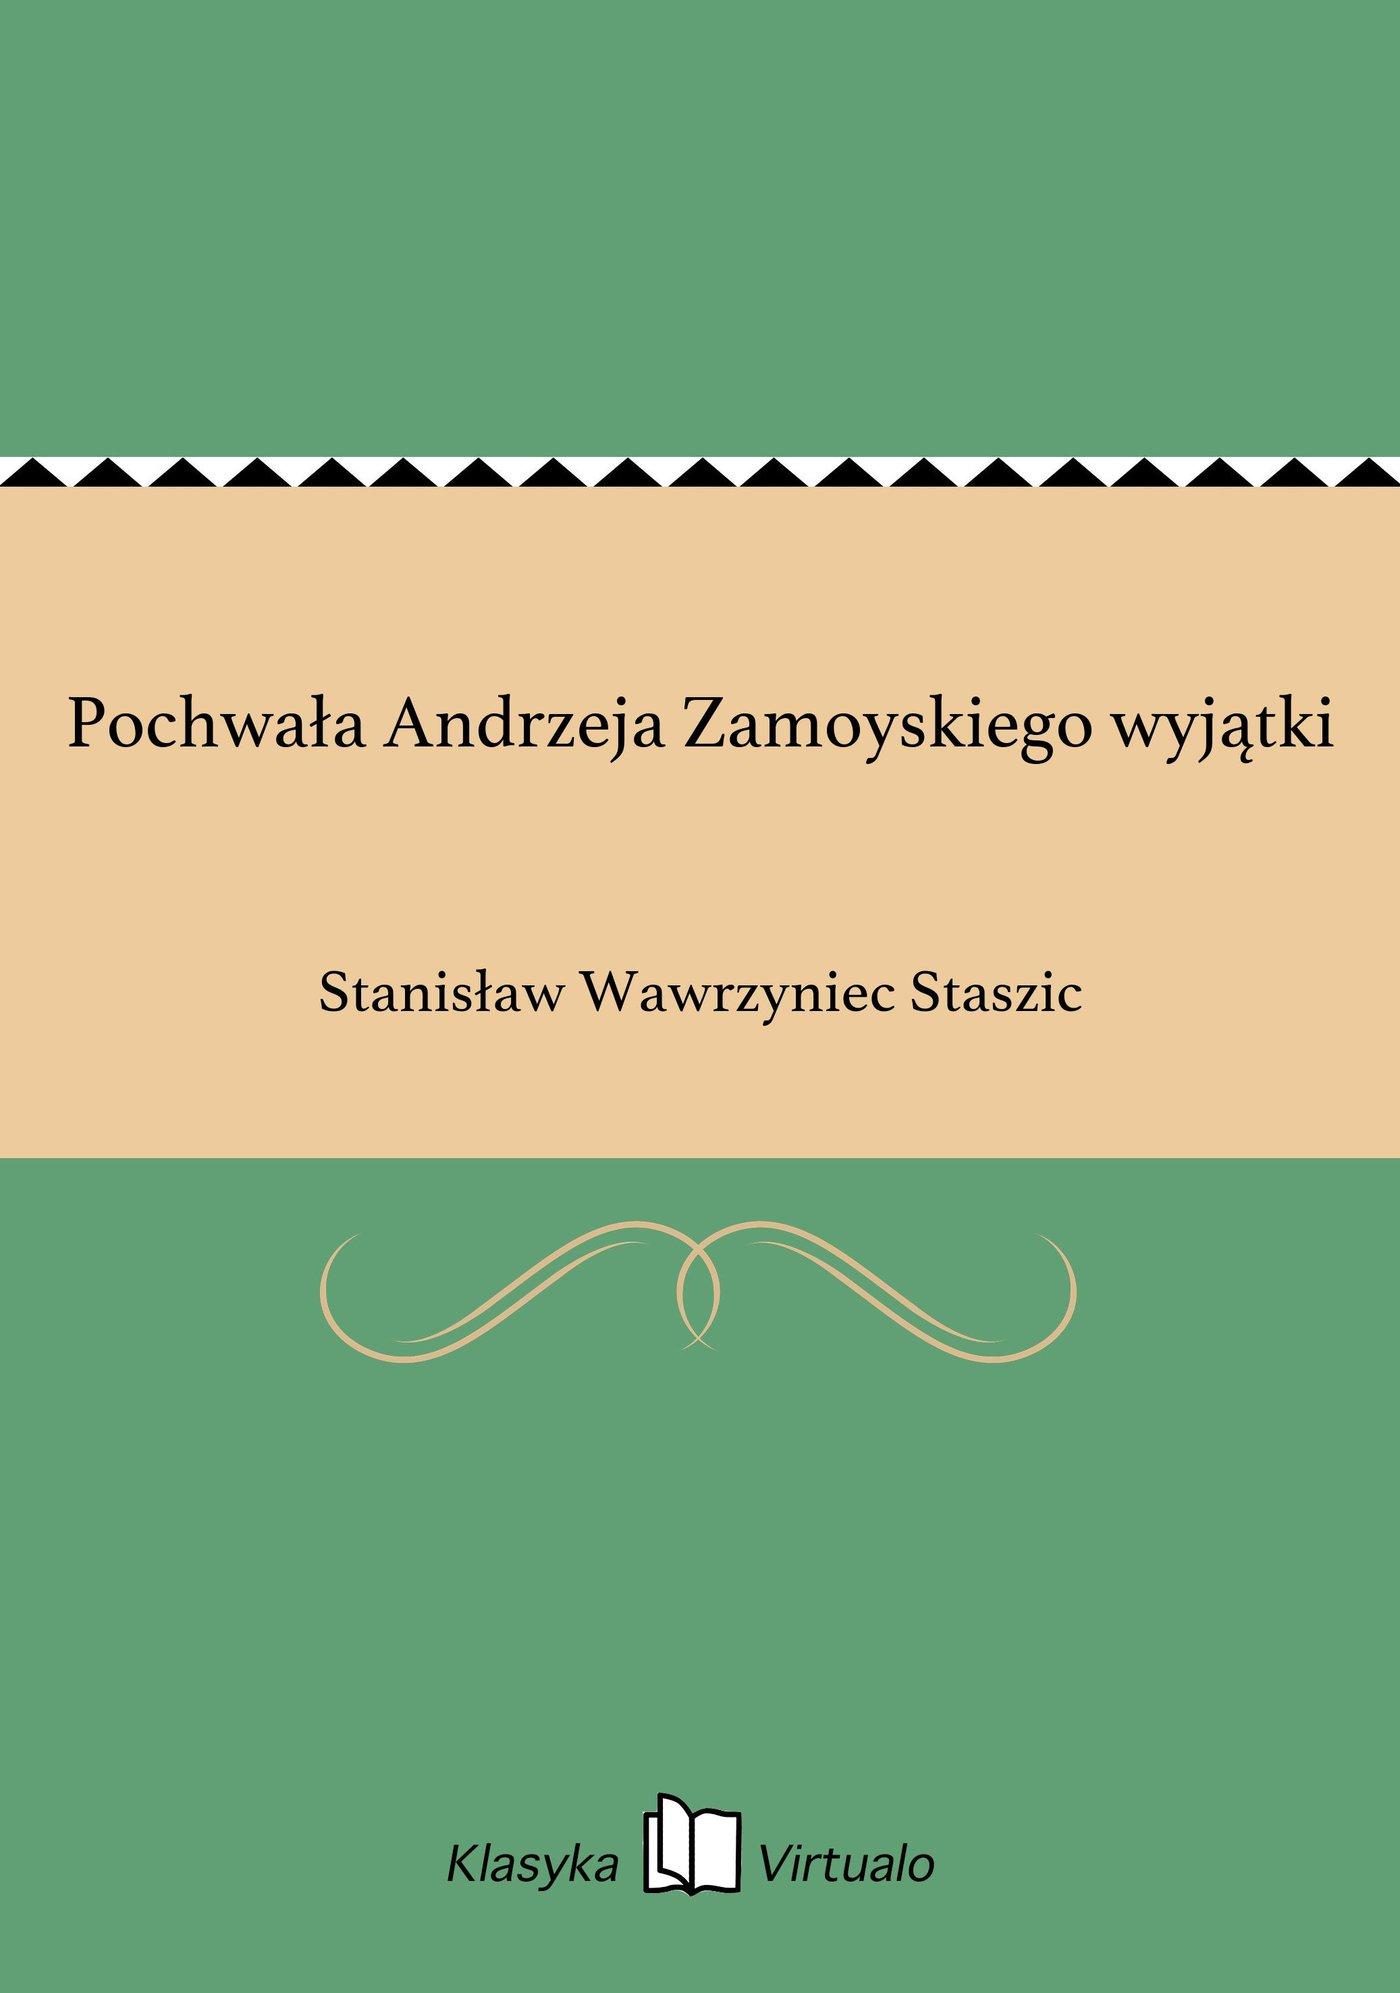 Pochwała Andrzeja Zamoyskiego wyjątki - Ebook (Książka EPUB) do pobrania w formacie EPUB